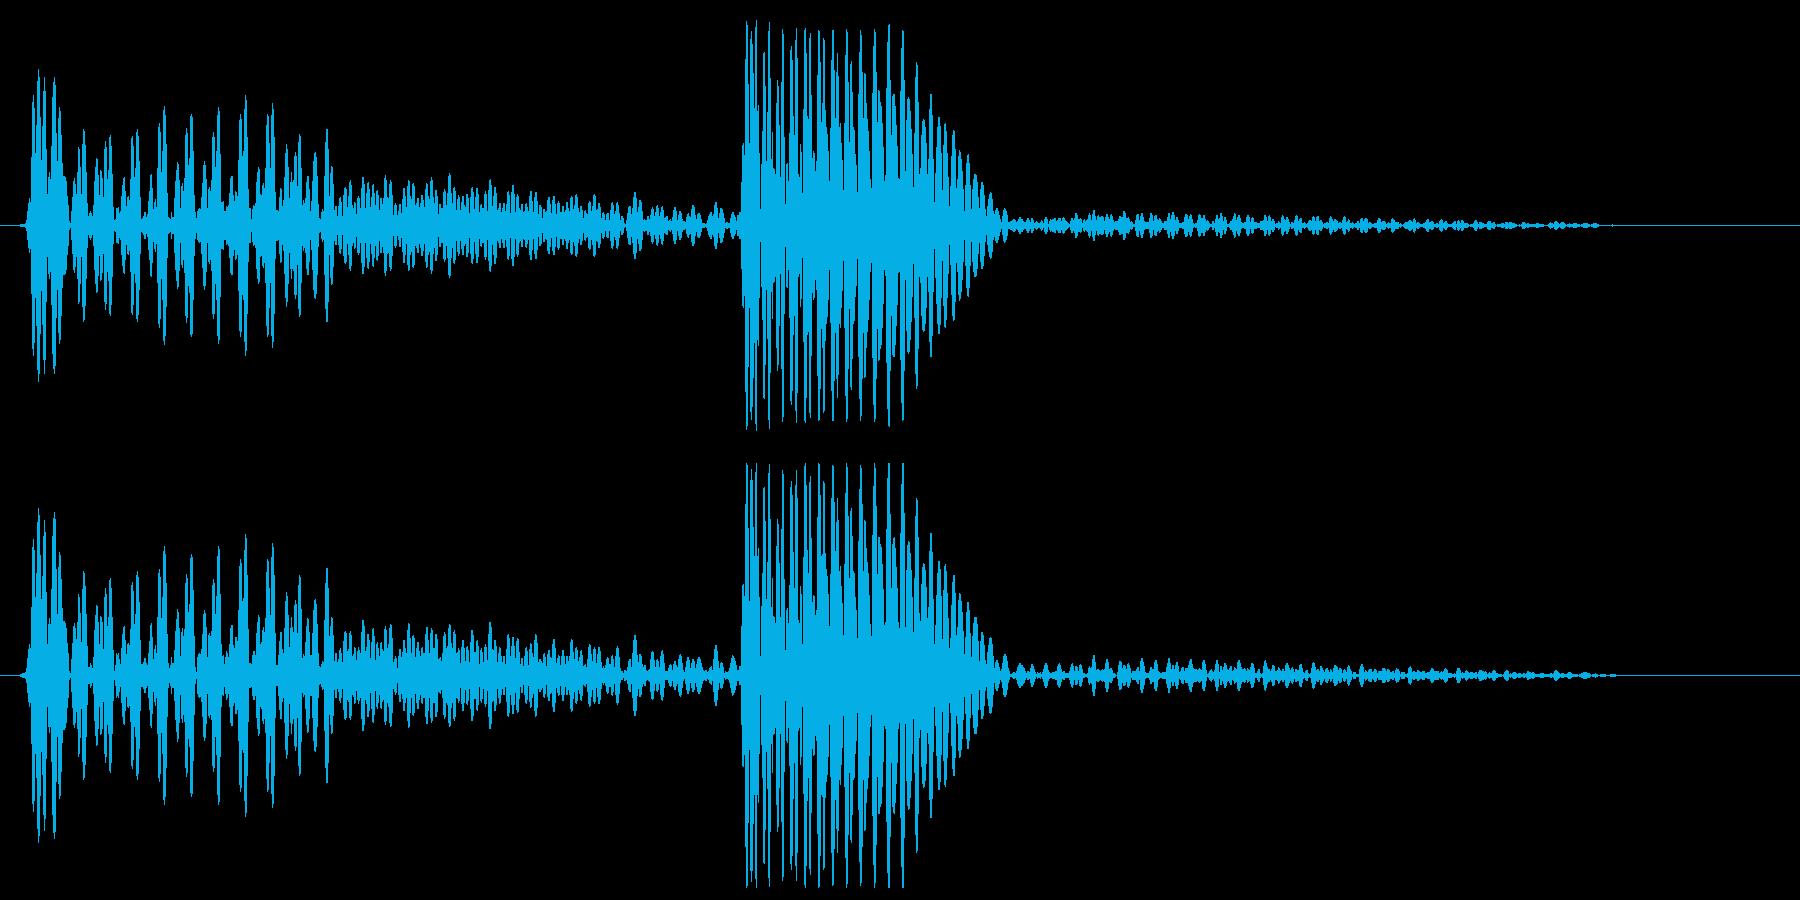 ベンッ(ベースの弦を弾いたような音)の再生済みの波形